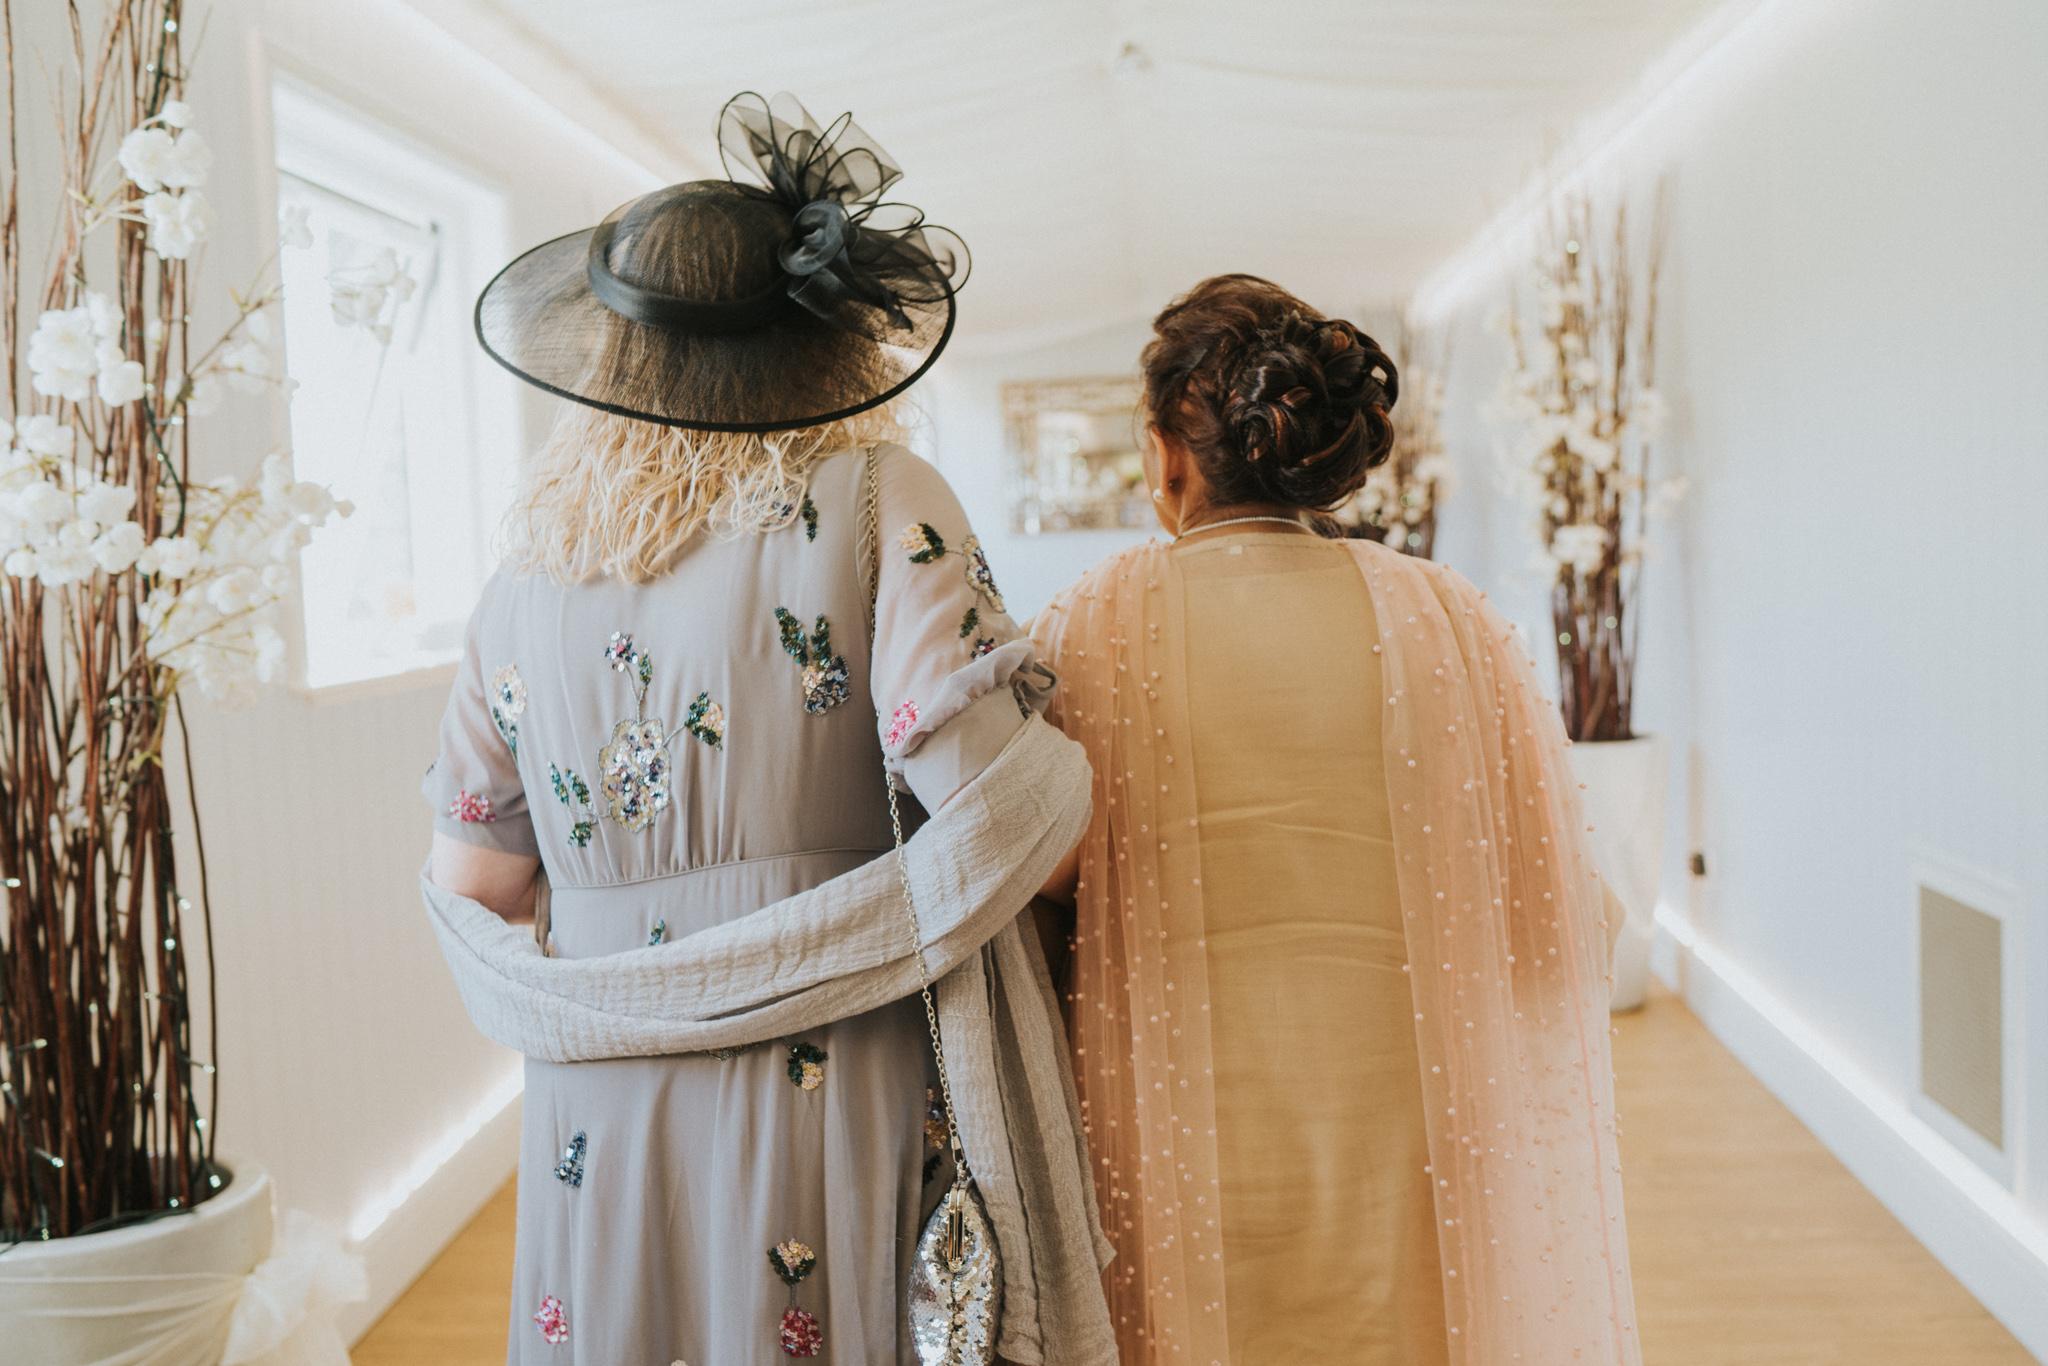 lizzie-faz-fennes-asian-fusion-wedding-grace-elizabeth-colchester-essex-alternative-wedding-lifestyle-photographer-essex-suffolk-norfolk-devon (31 of 55).jpg